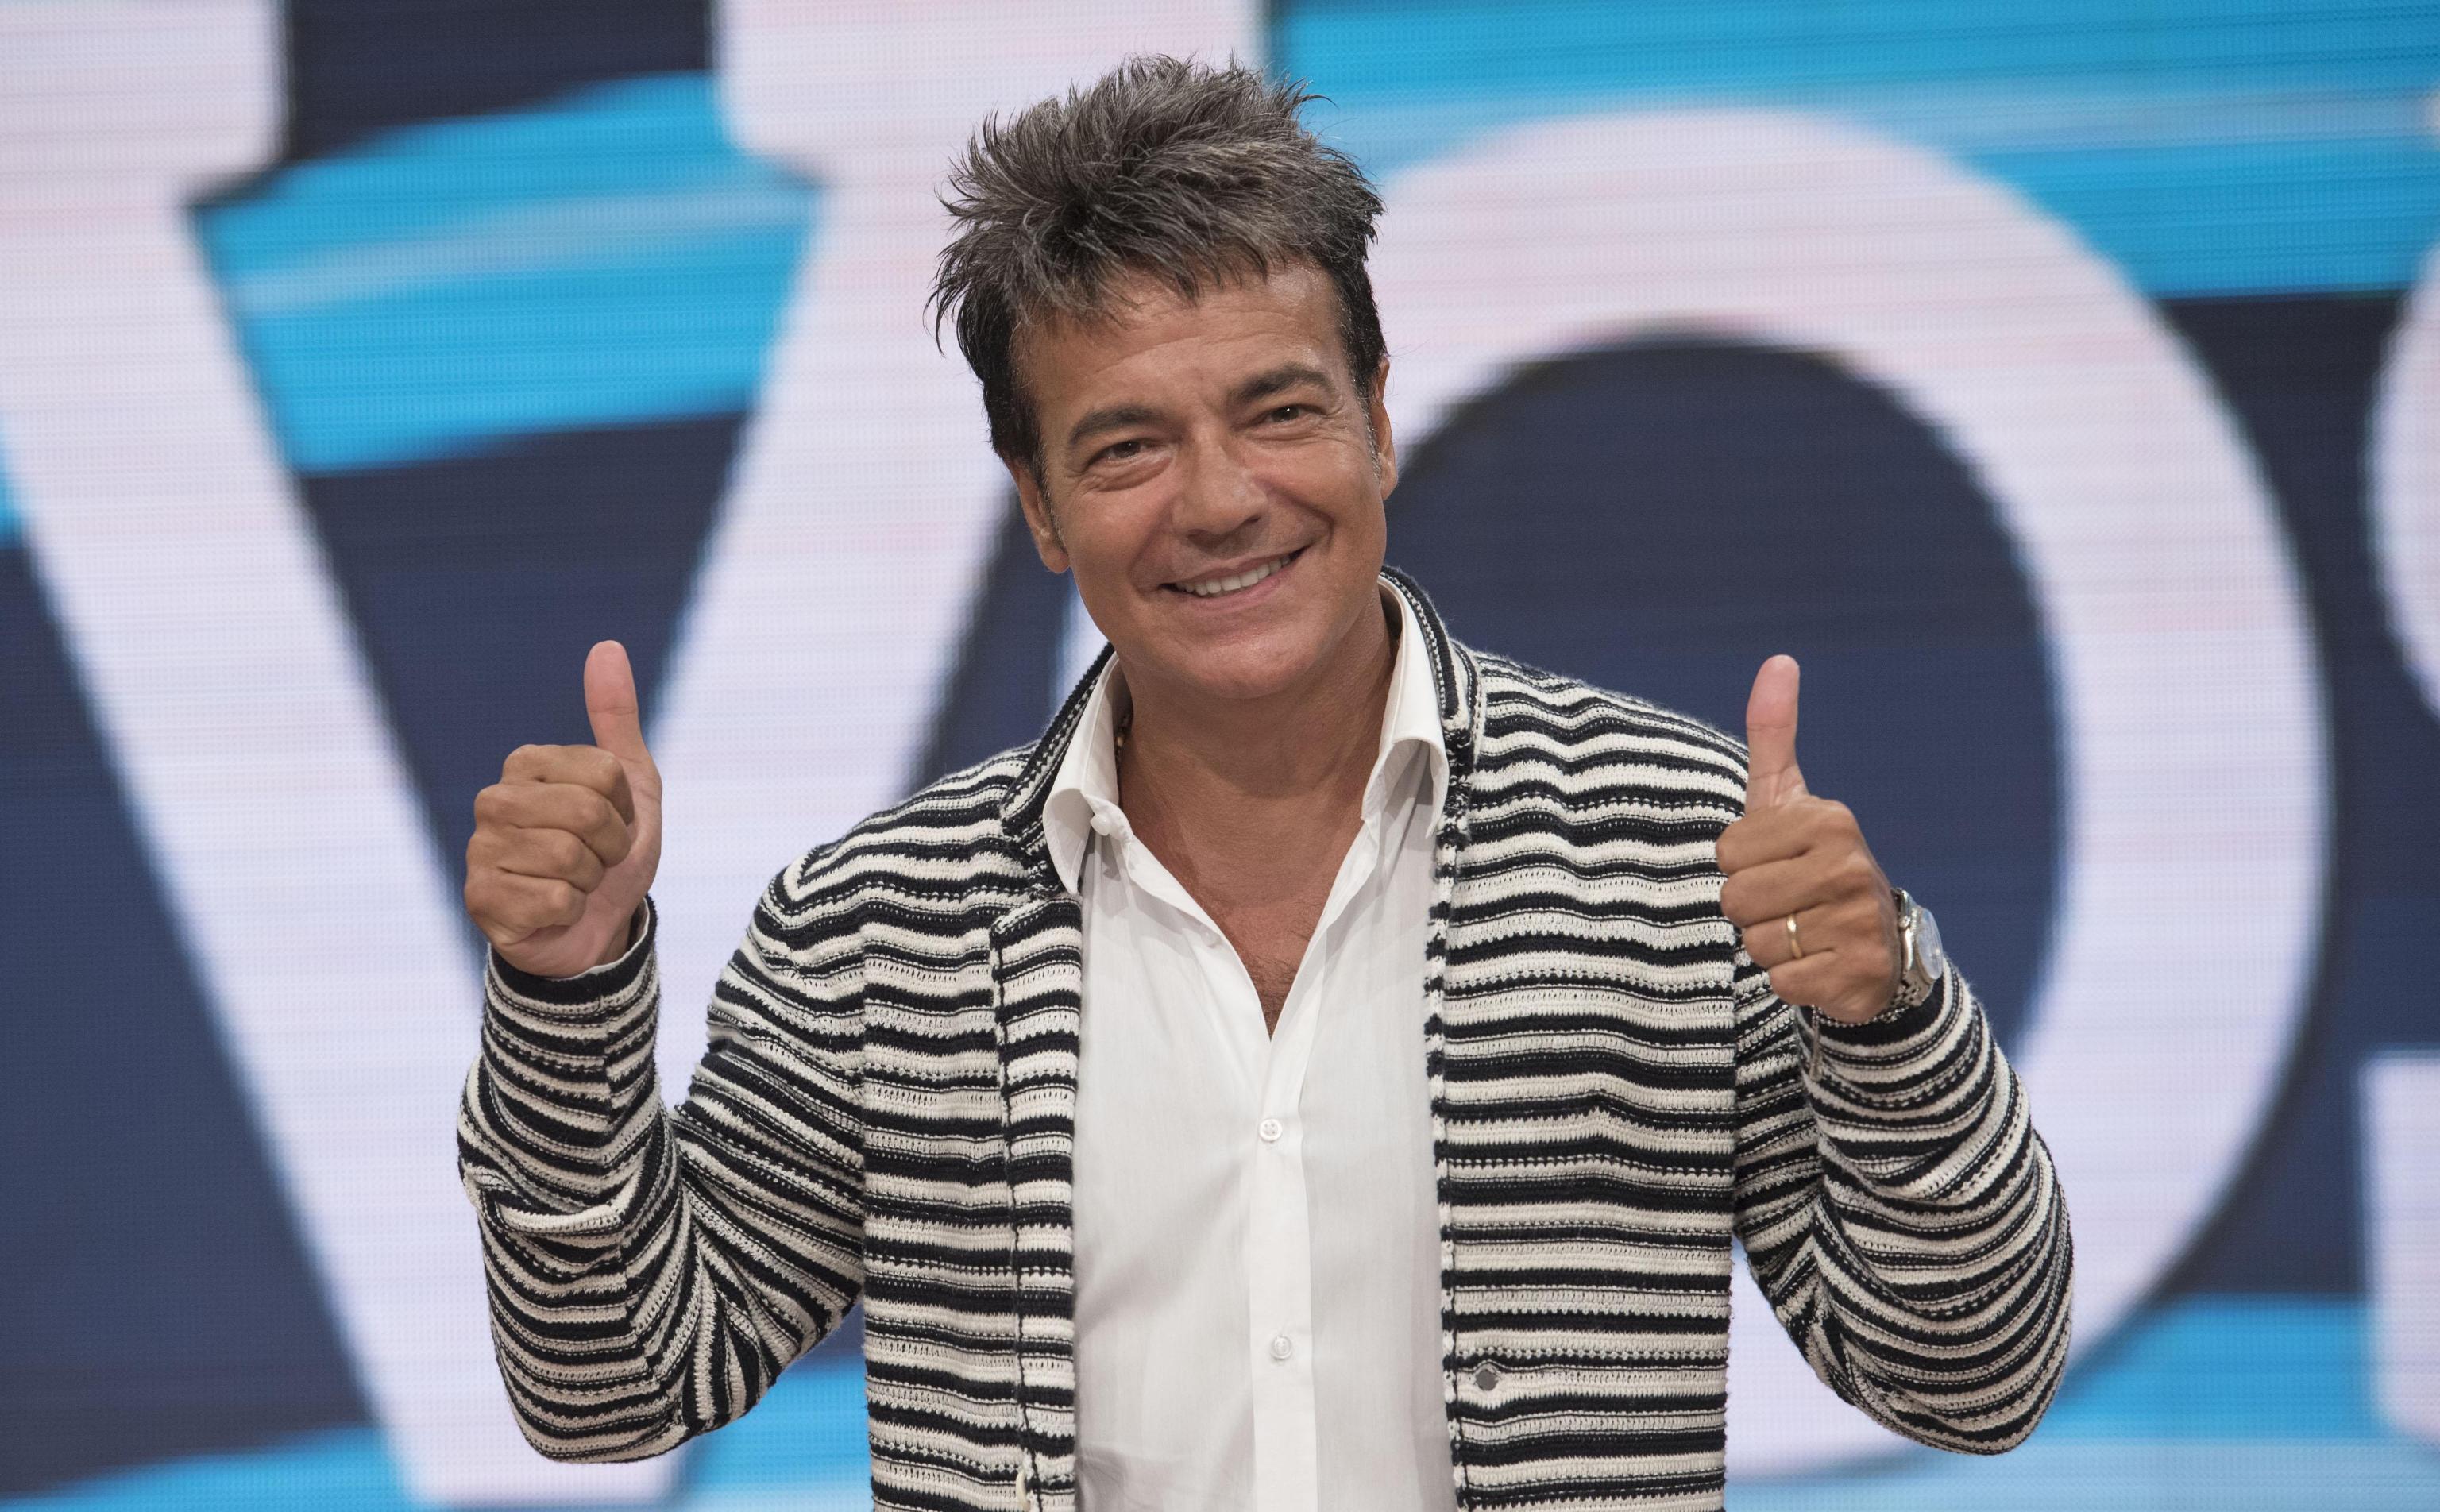 Mezzogiorno in Famiglia 'censura' Marcello Cirillo?